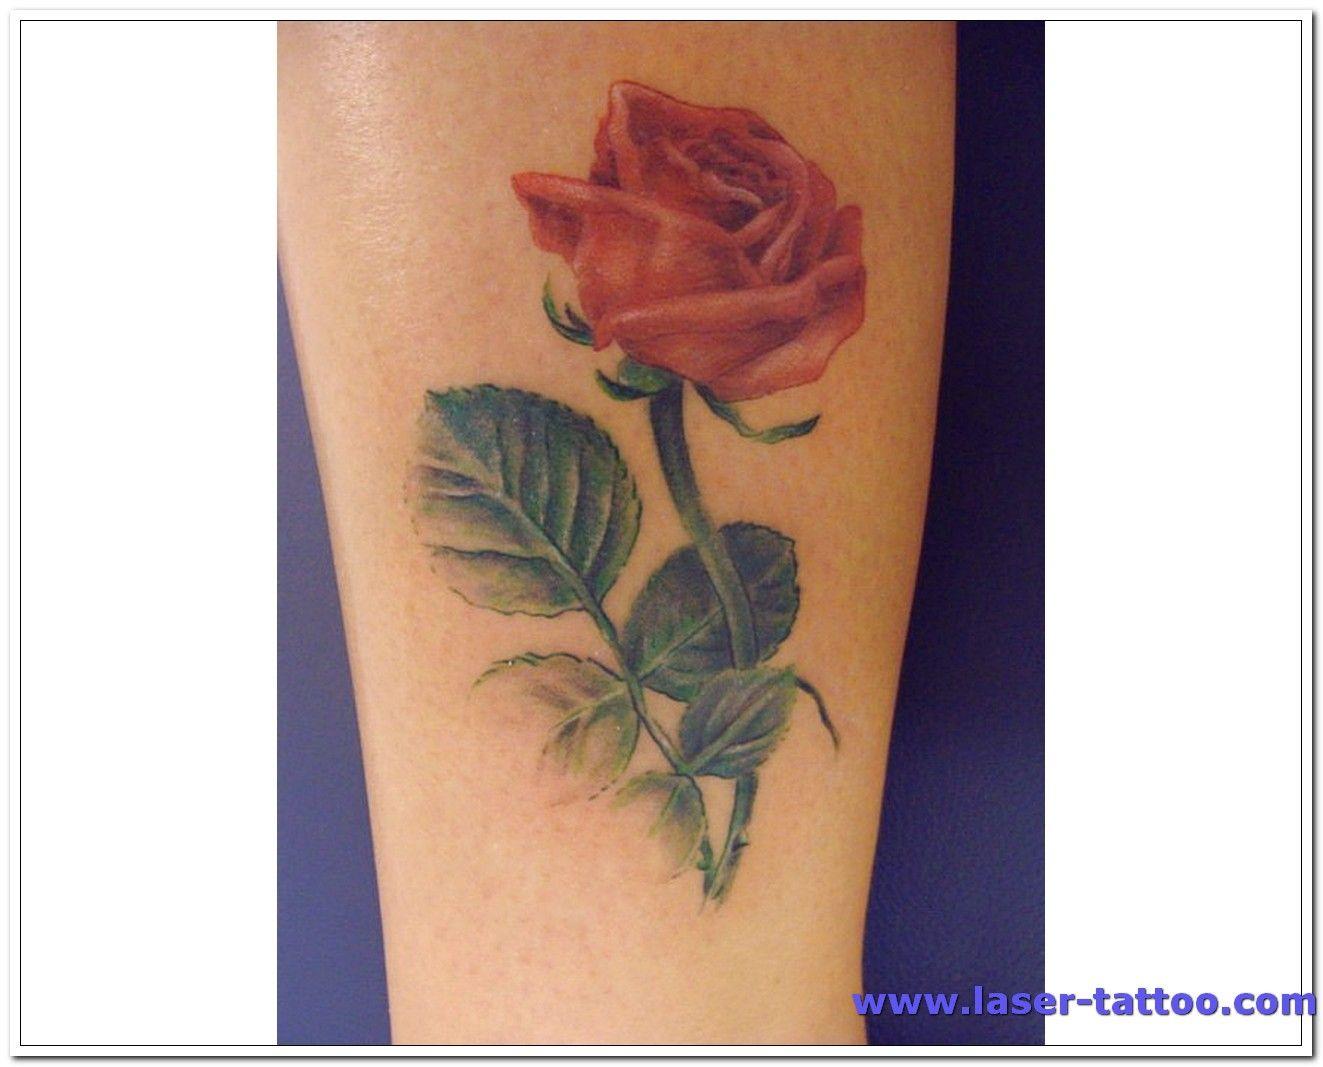 Rose Tattoos For Girls  Rose Tattoo Designs For Girls Leg